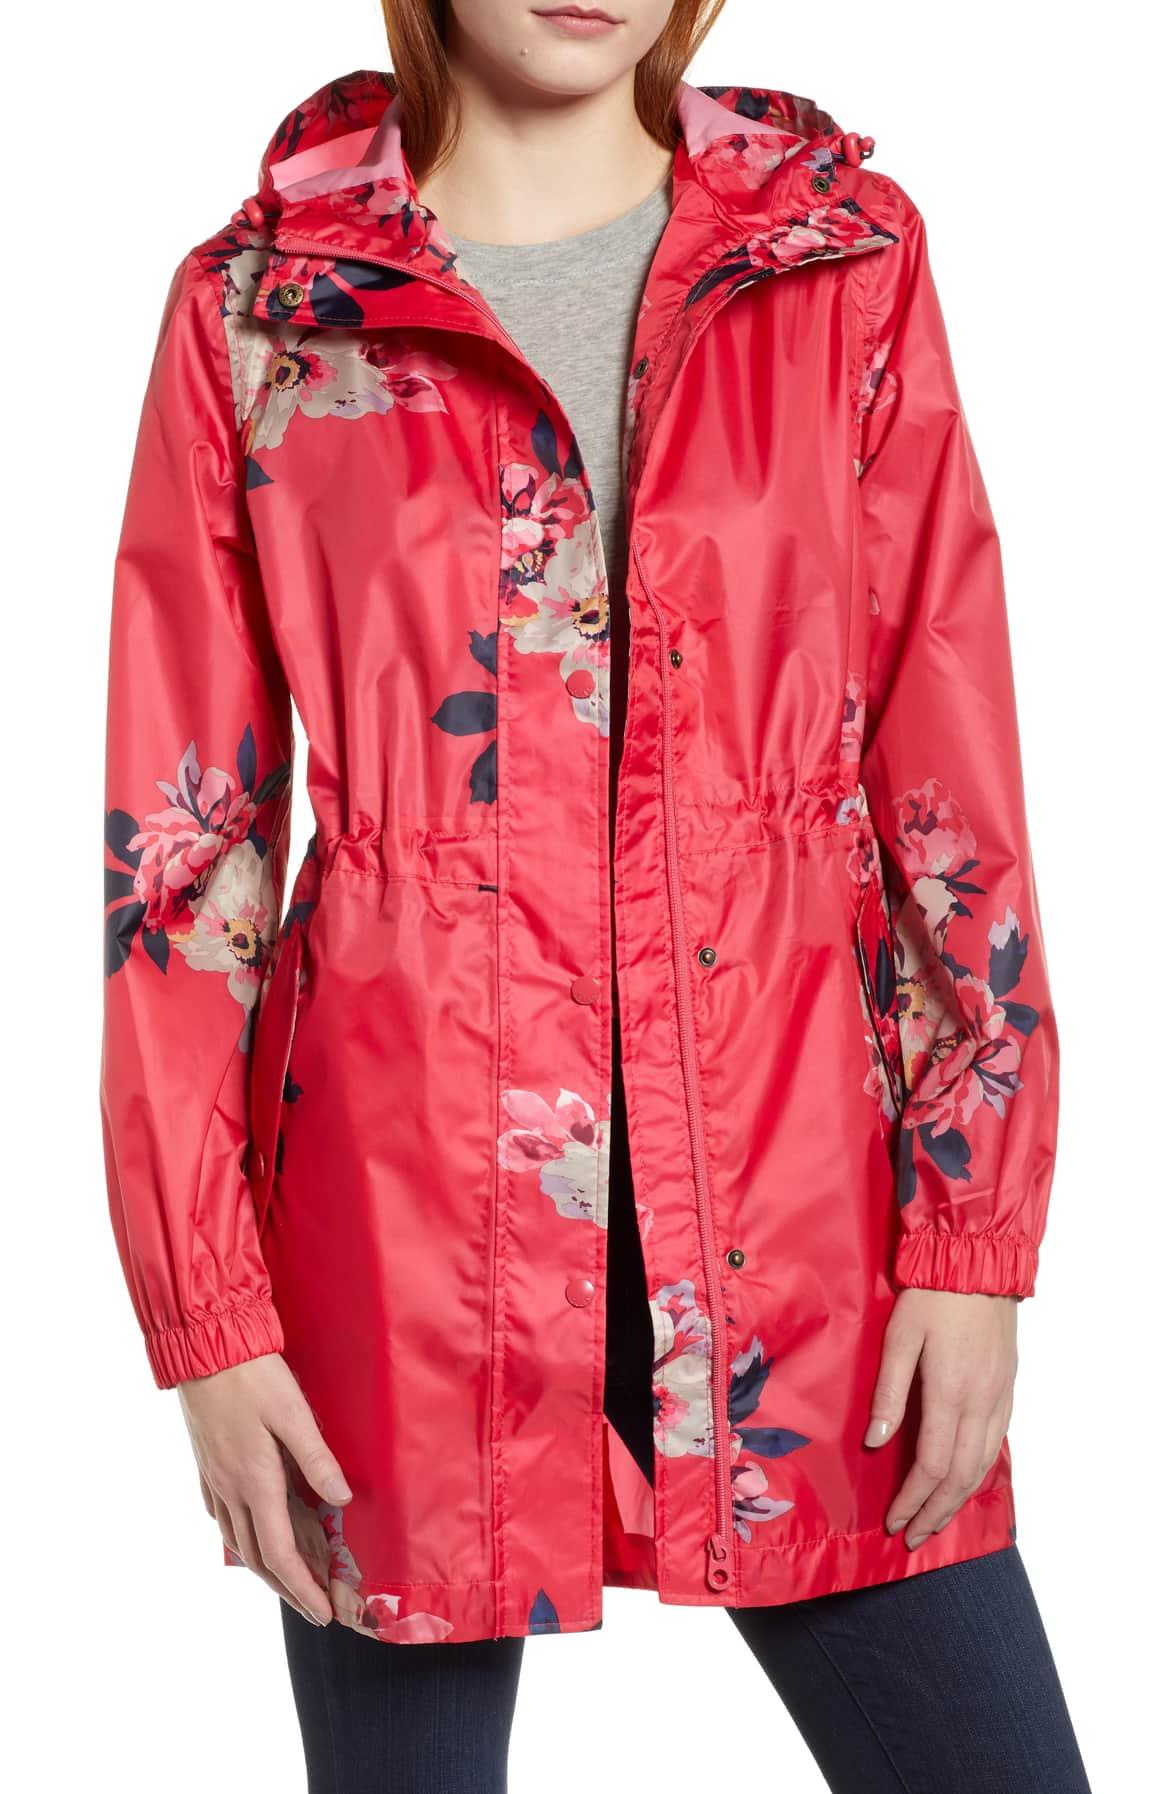 red floral jacket raincoat